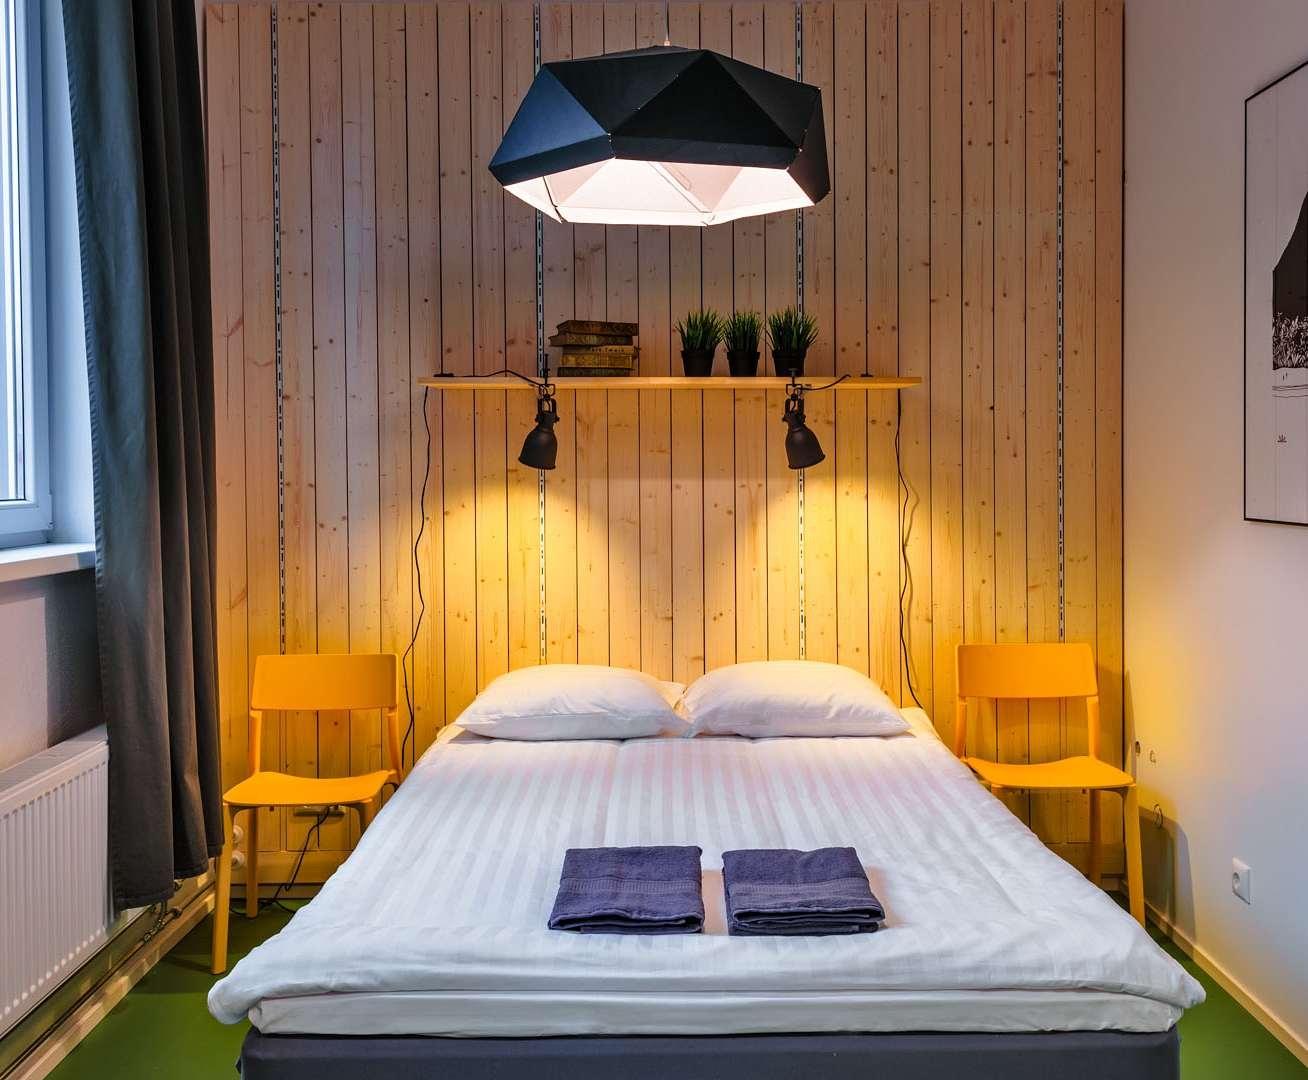 Uues omanäolise interjööriga Hektor Design Hostelis on teretulnud ka lemmikloomad